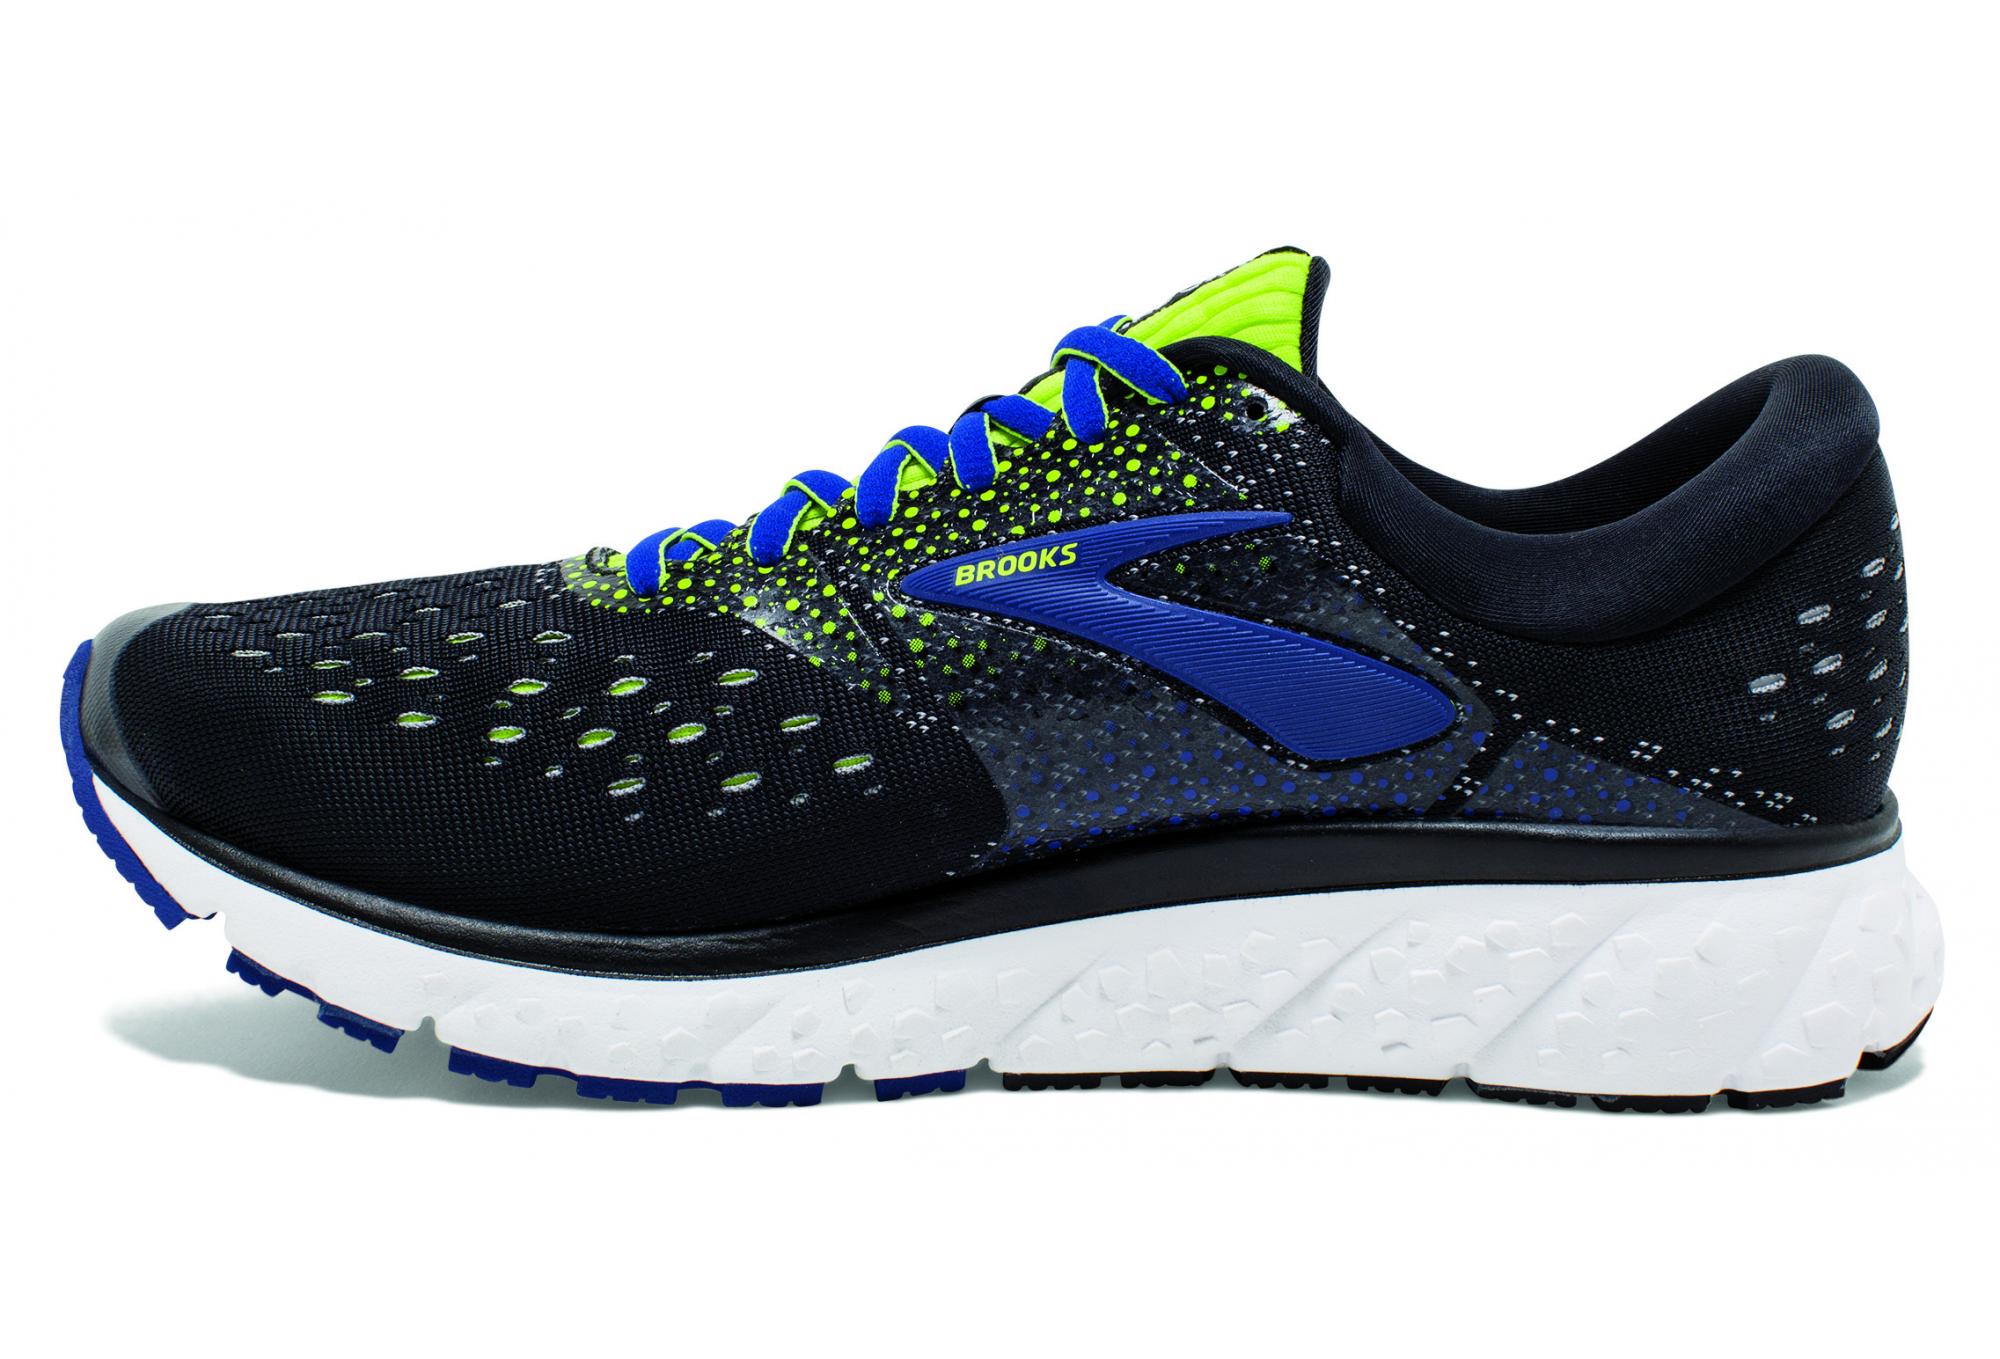 Brooks Glycerin 16 Chaussures de Running Femme